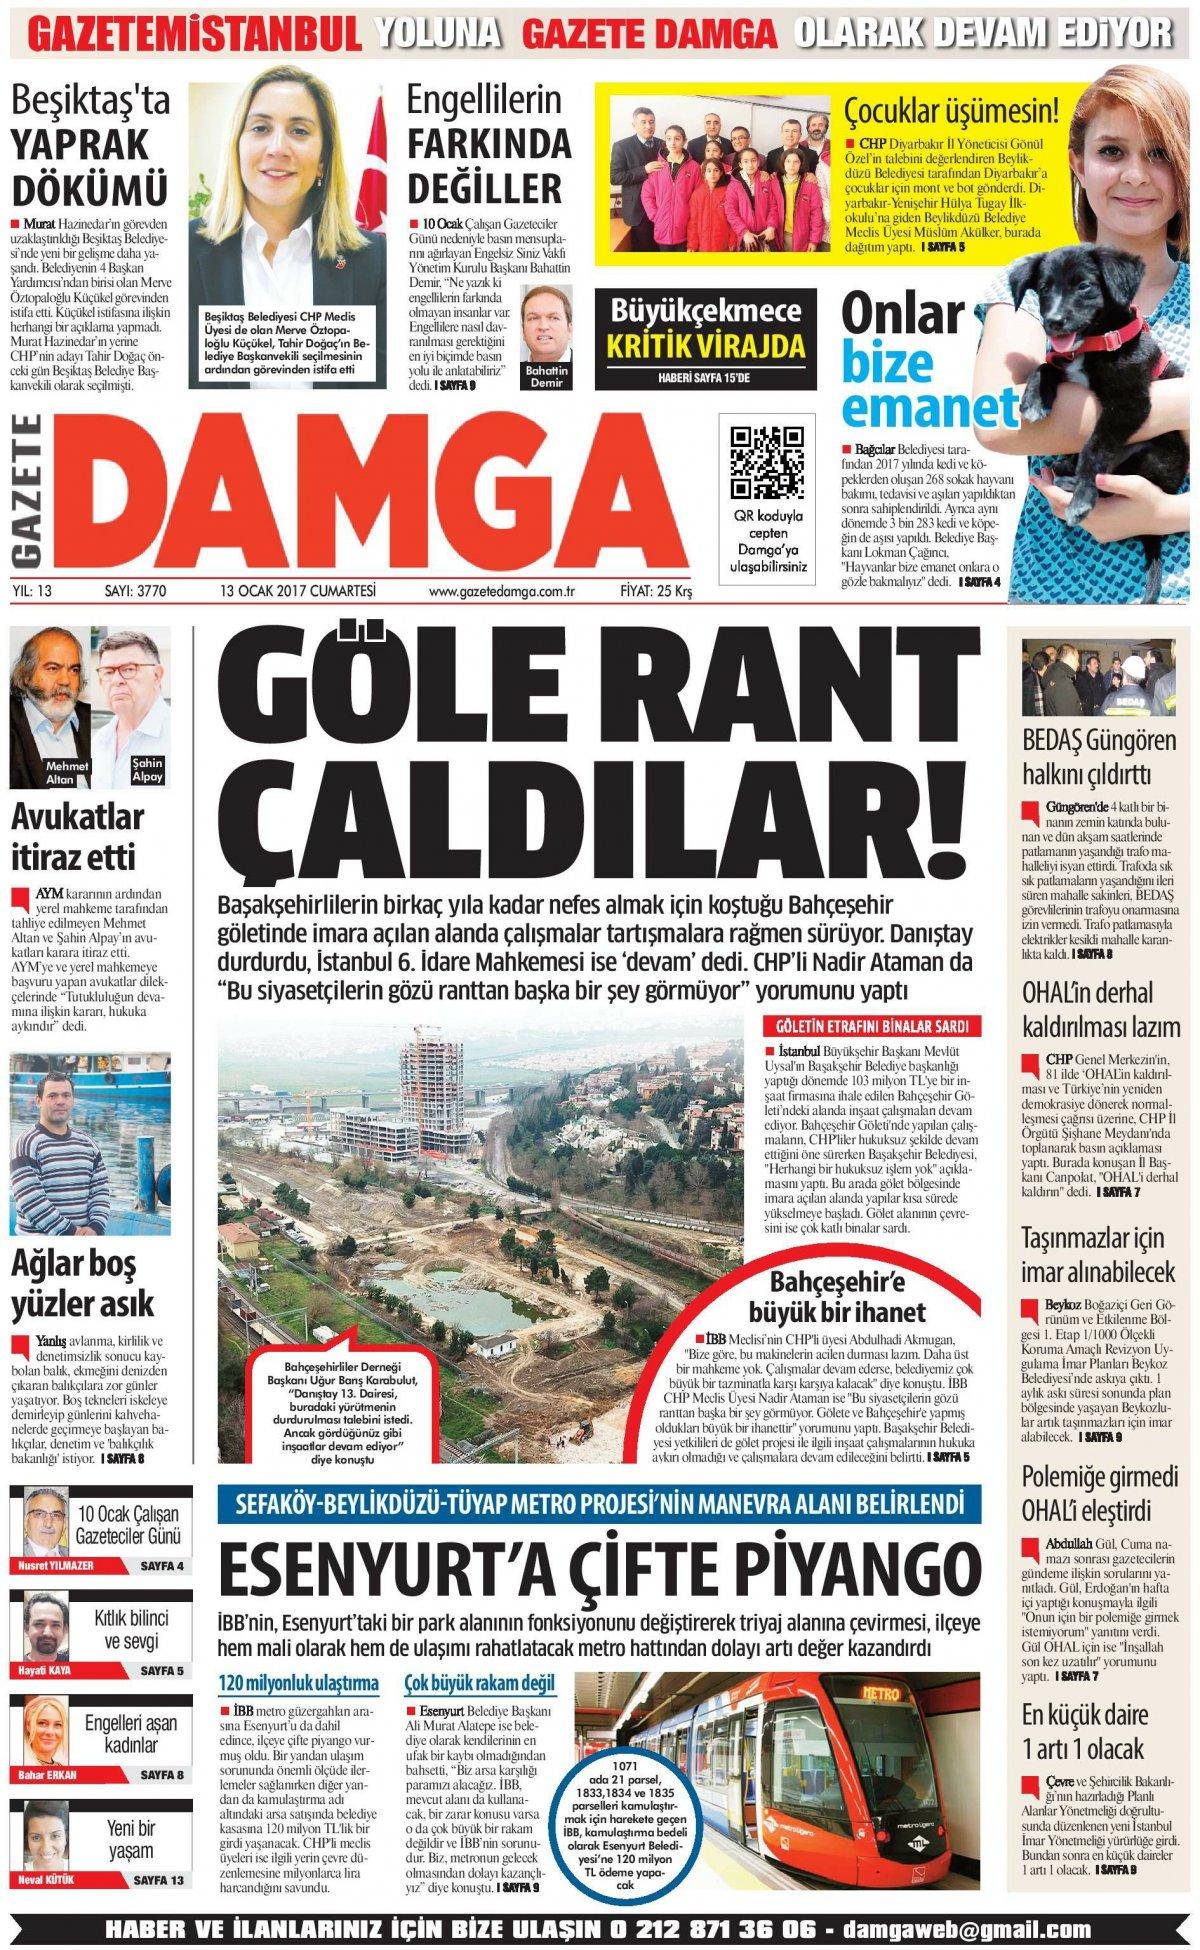 Gazete Damga - 13.01.2018 Manşeti